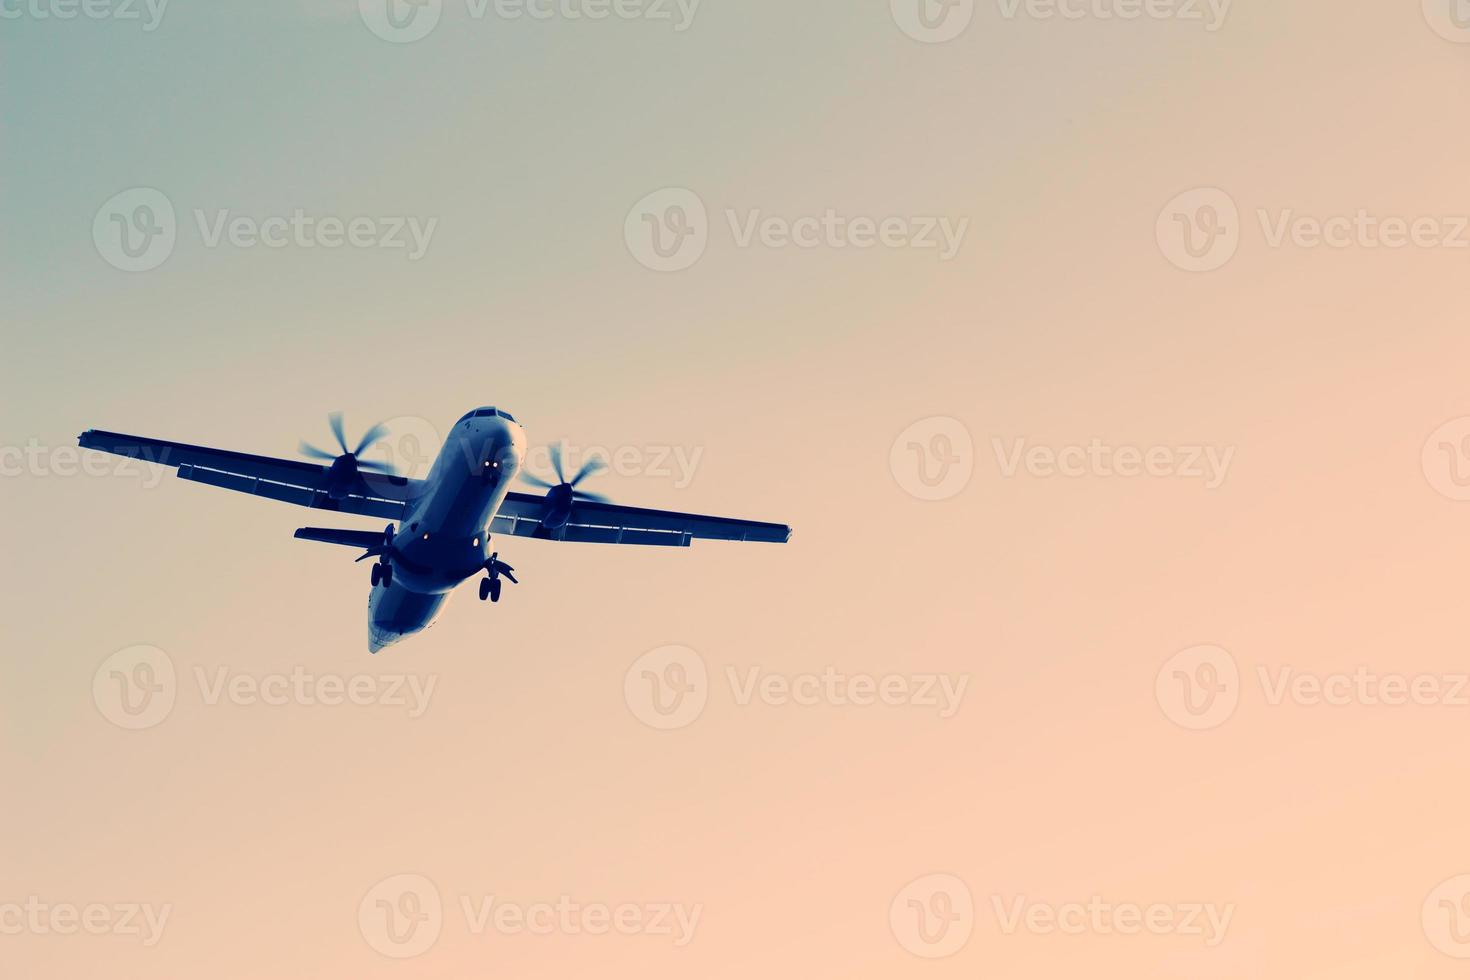 flygplan som flyger i himlen foto